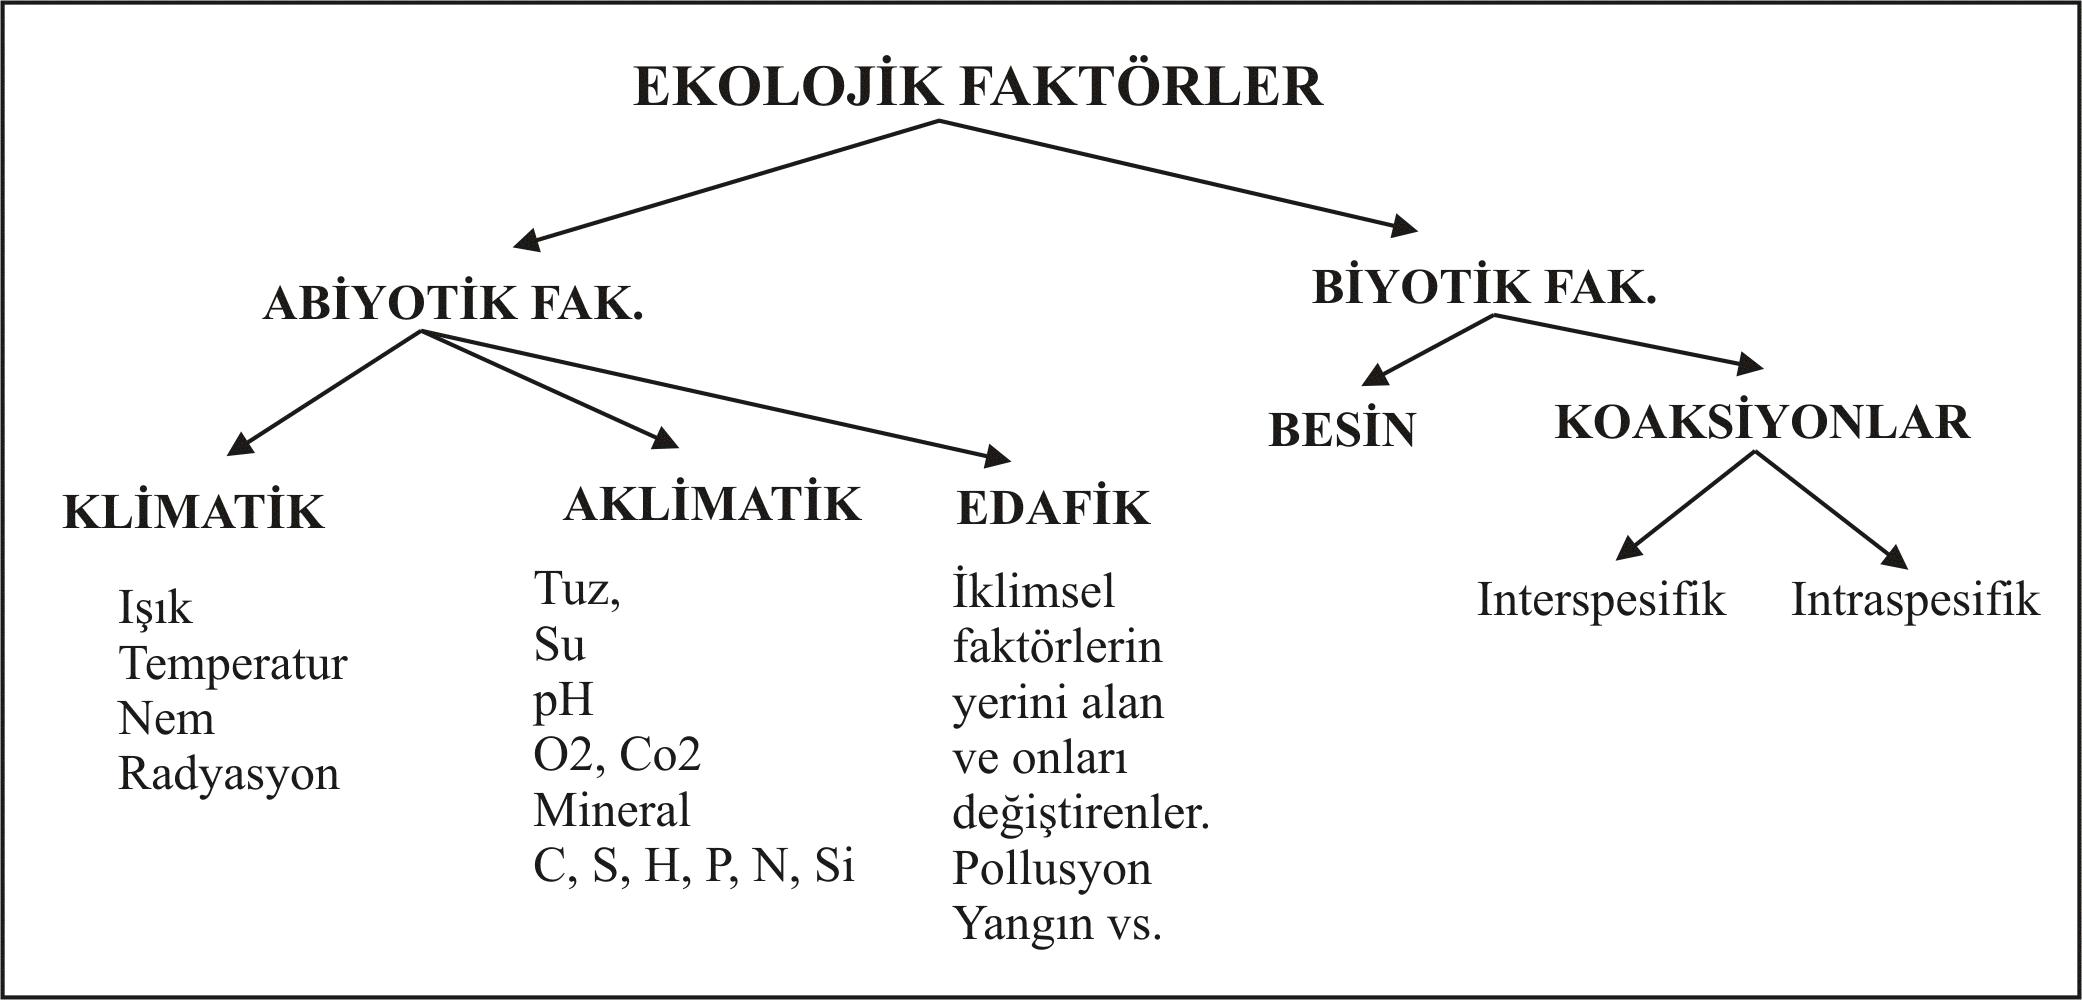 Ekolojik faktörler ve organizmalar üzerindeki etkisi